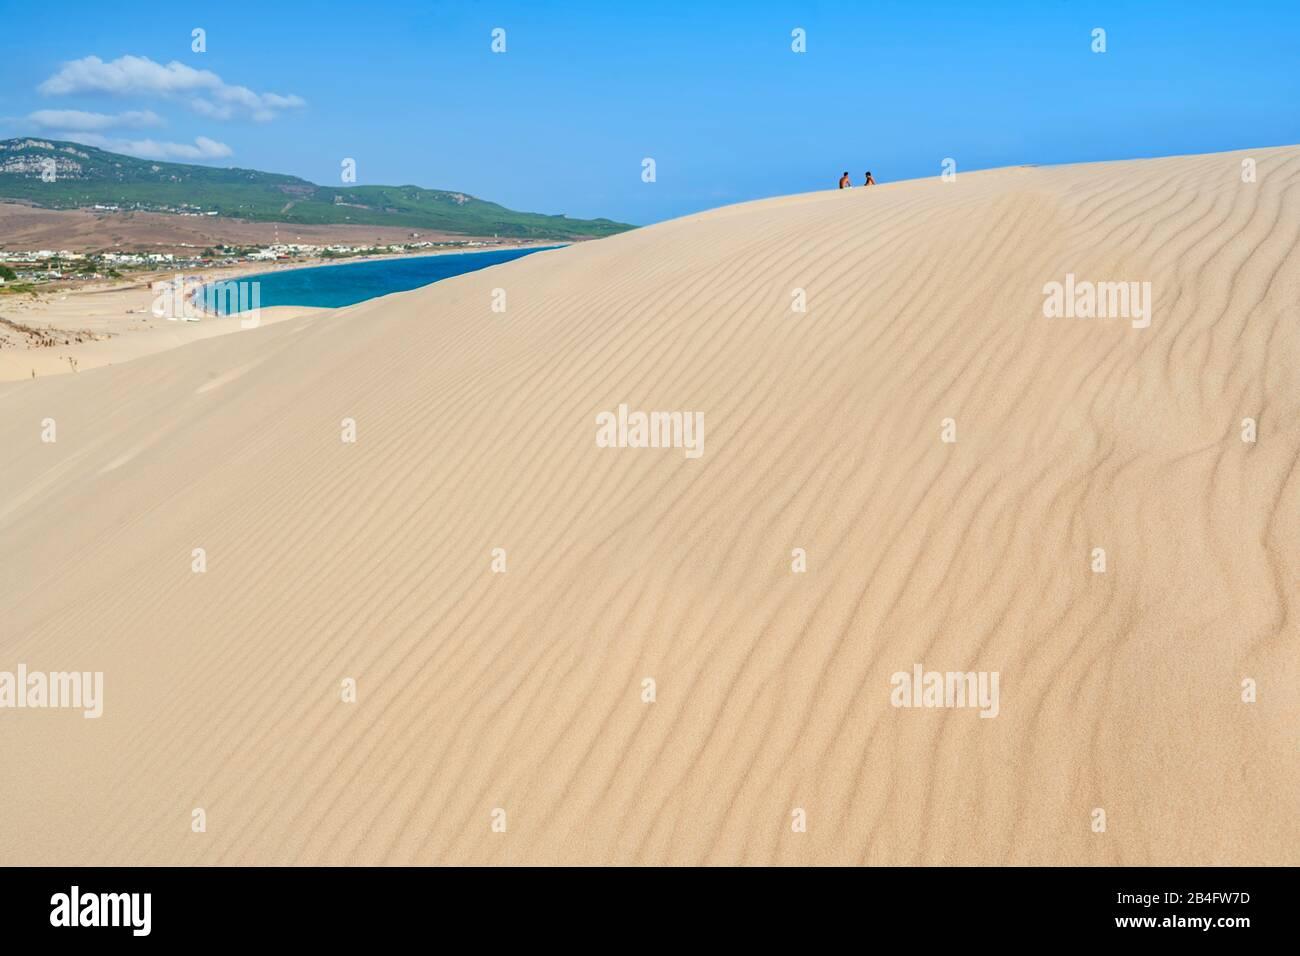 Bolonia Beach, Bolonia, Cadiz Province, Costa de la Luz, Andalusia, Spain Stock Photo